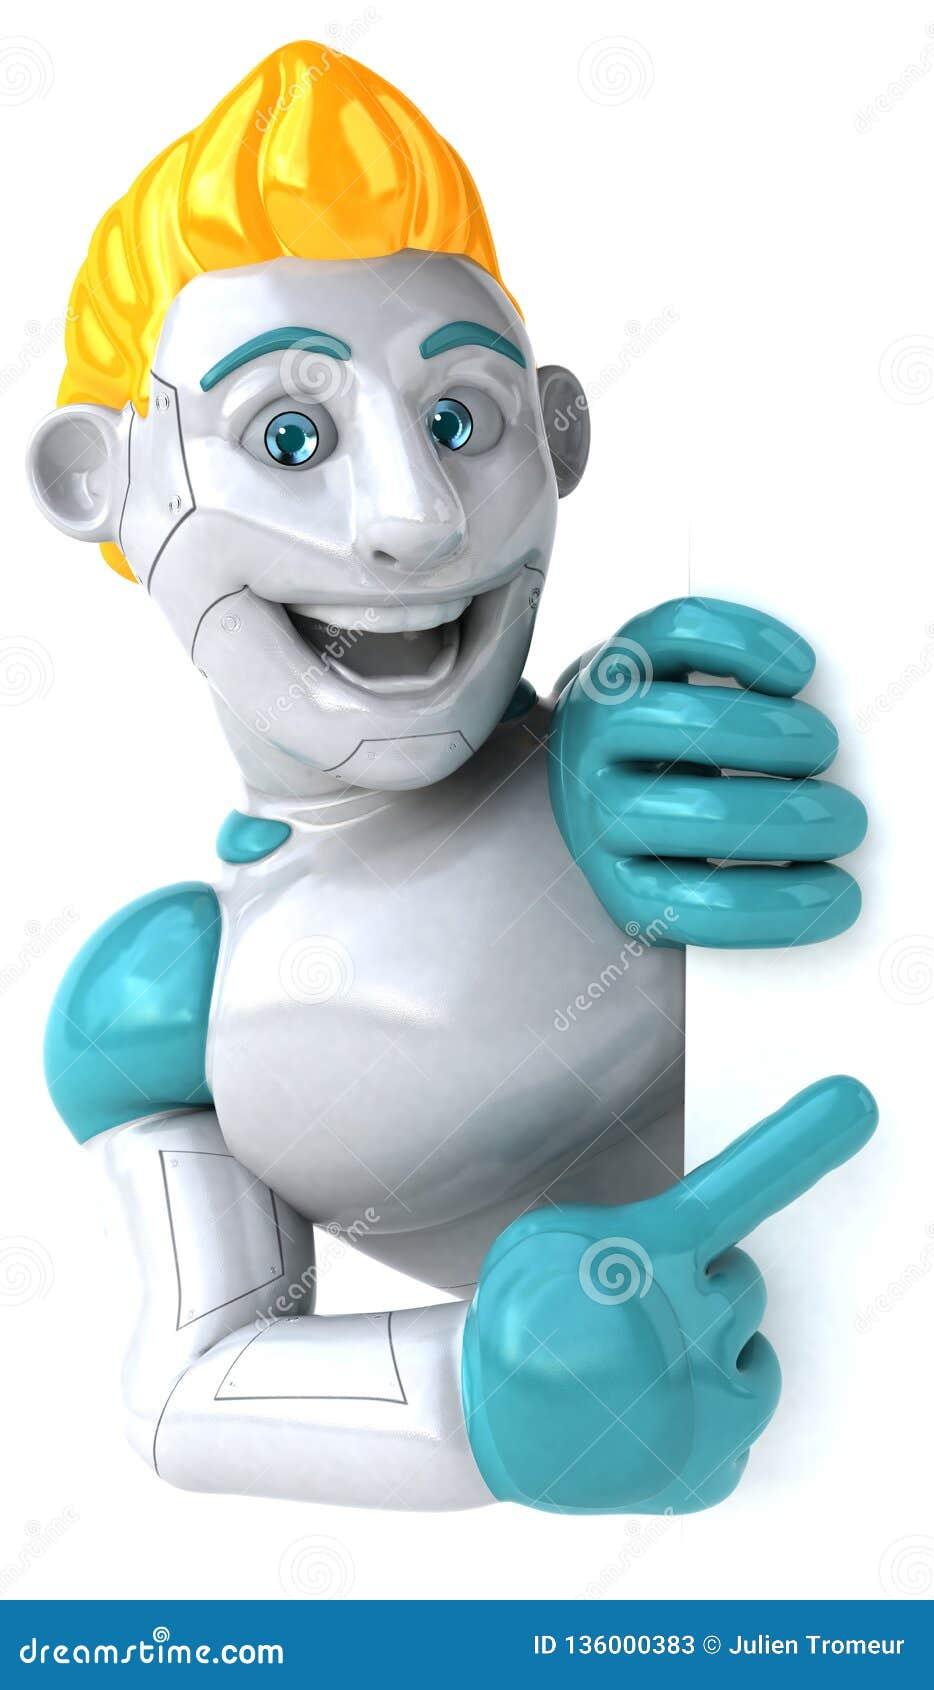 Робот - иллюстрация 3D